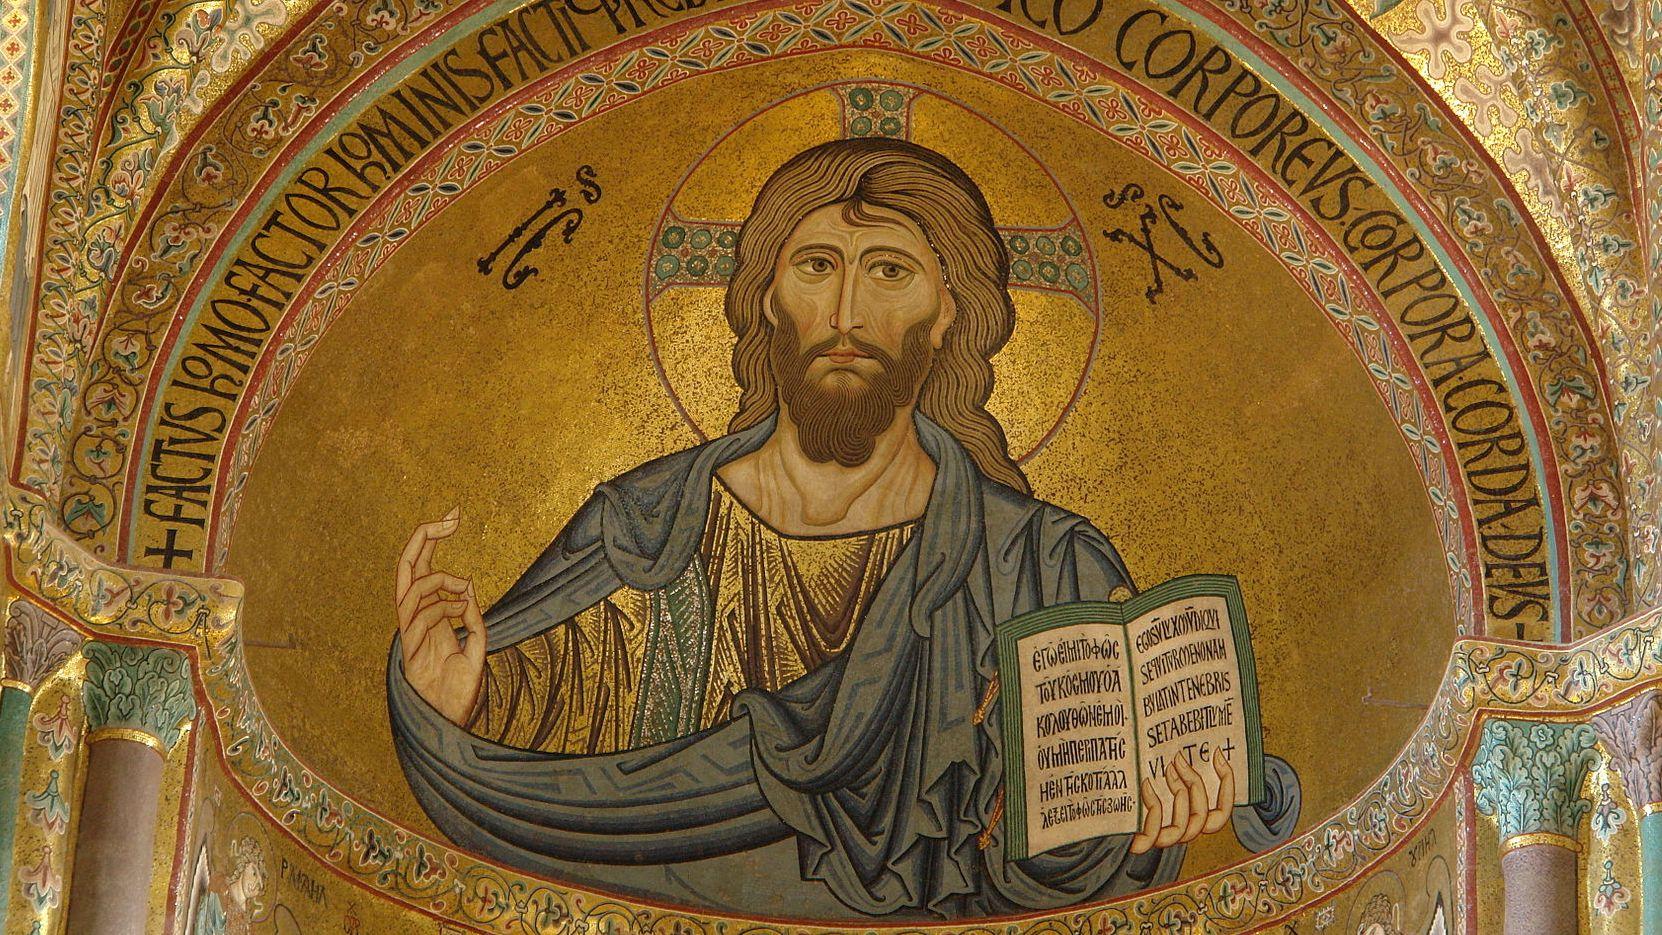 Znalezione obrazy dla zapytania chrystusa króla